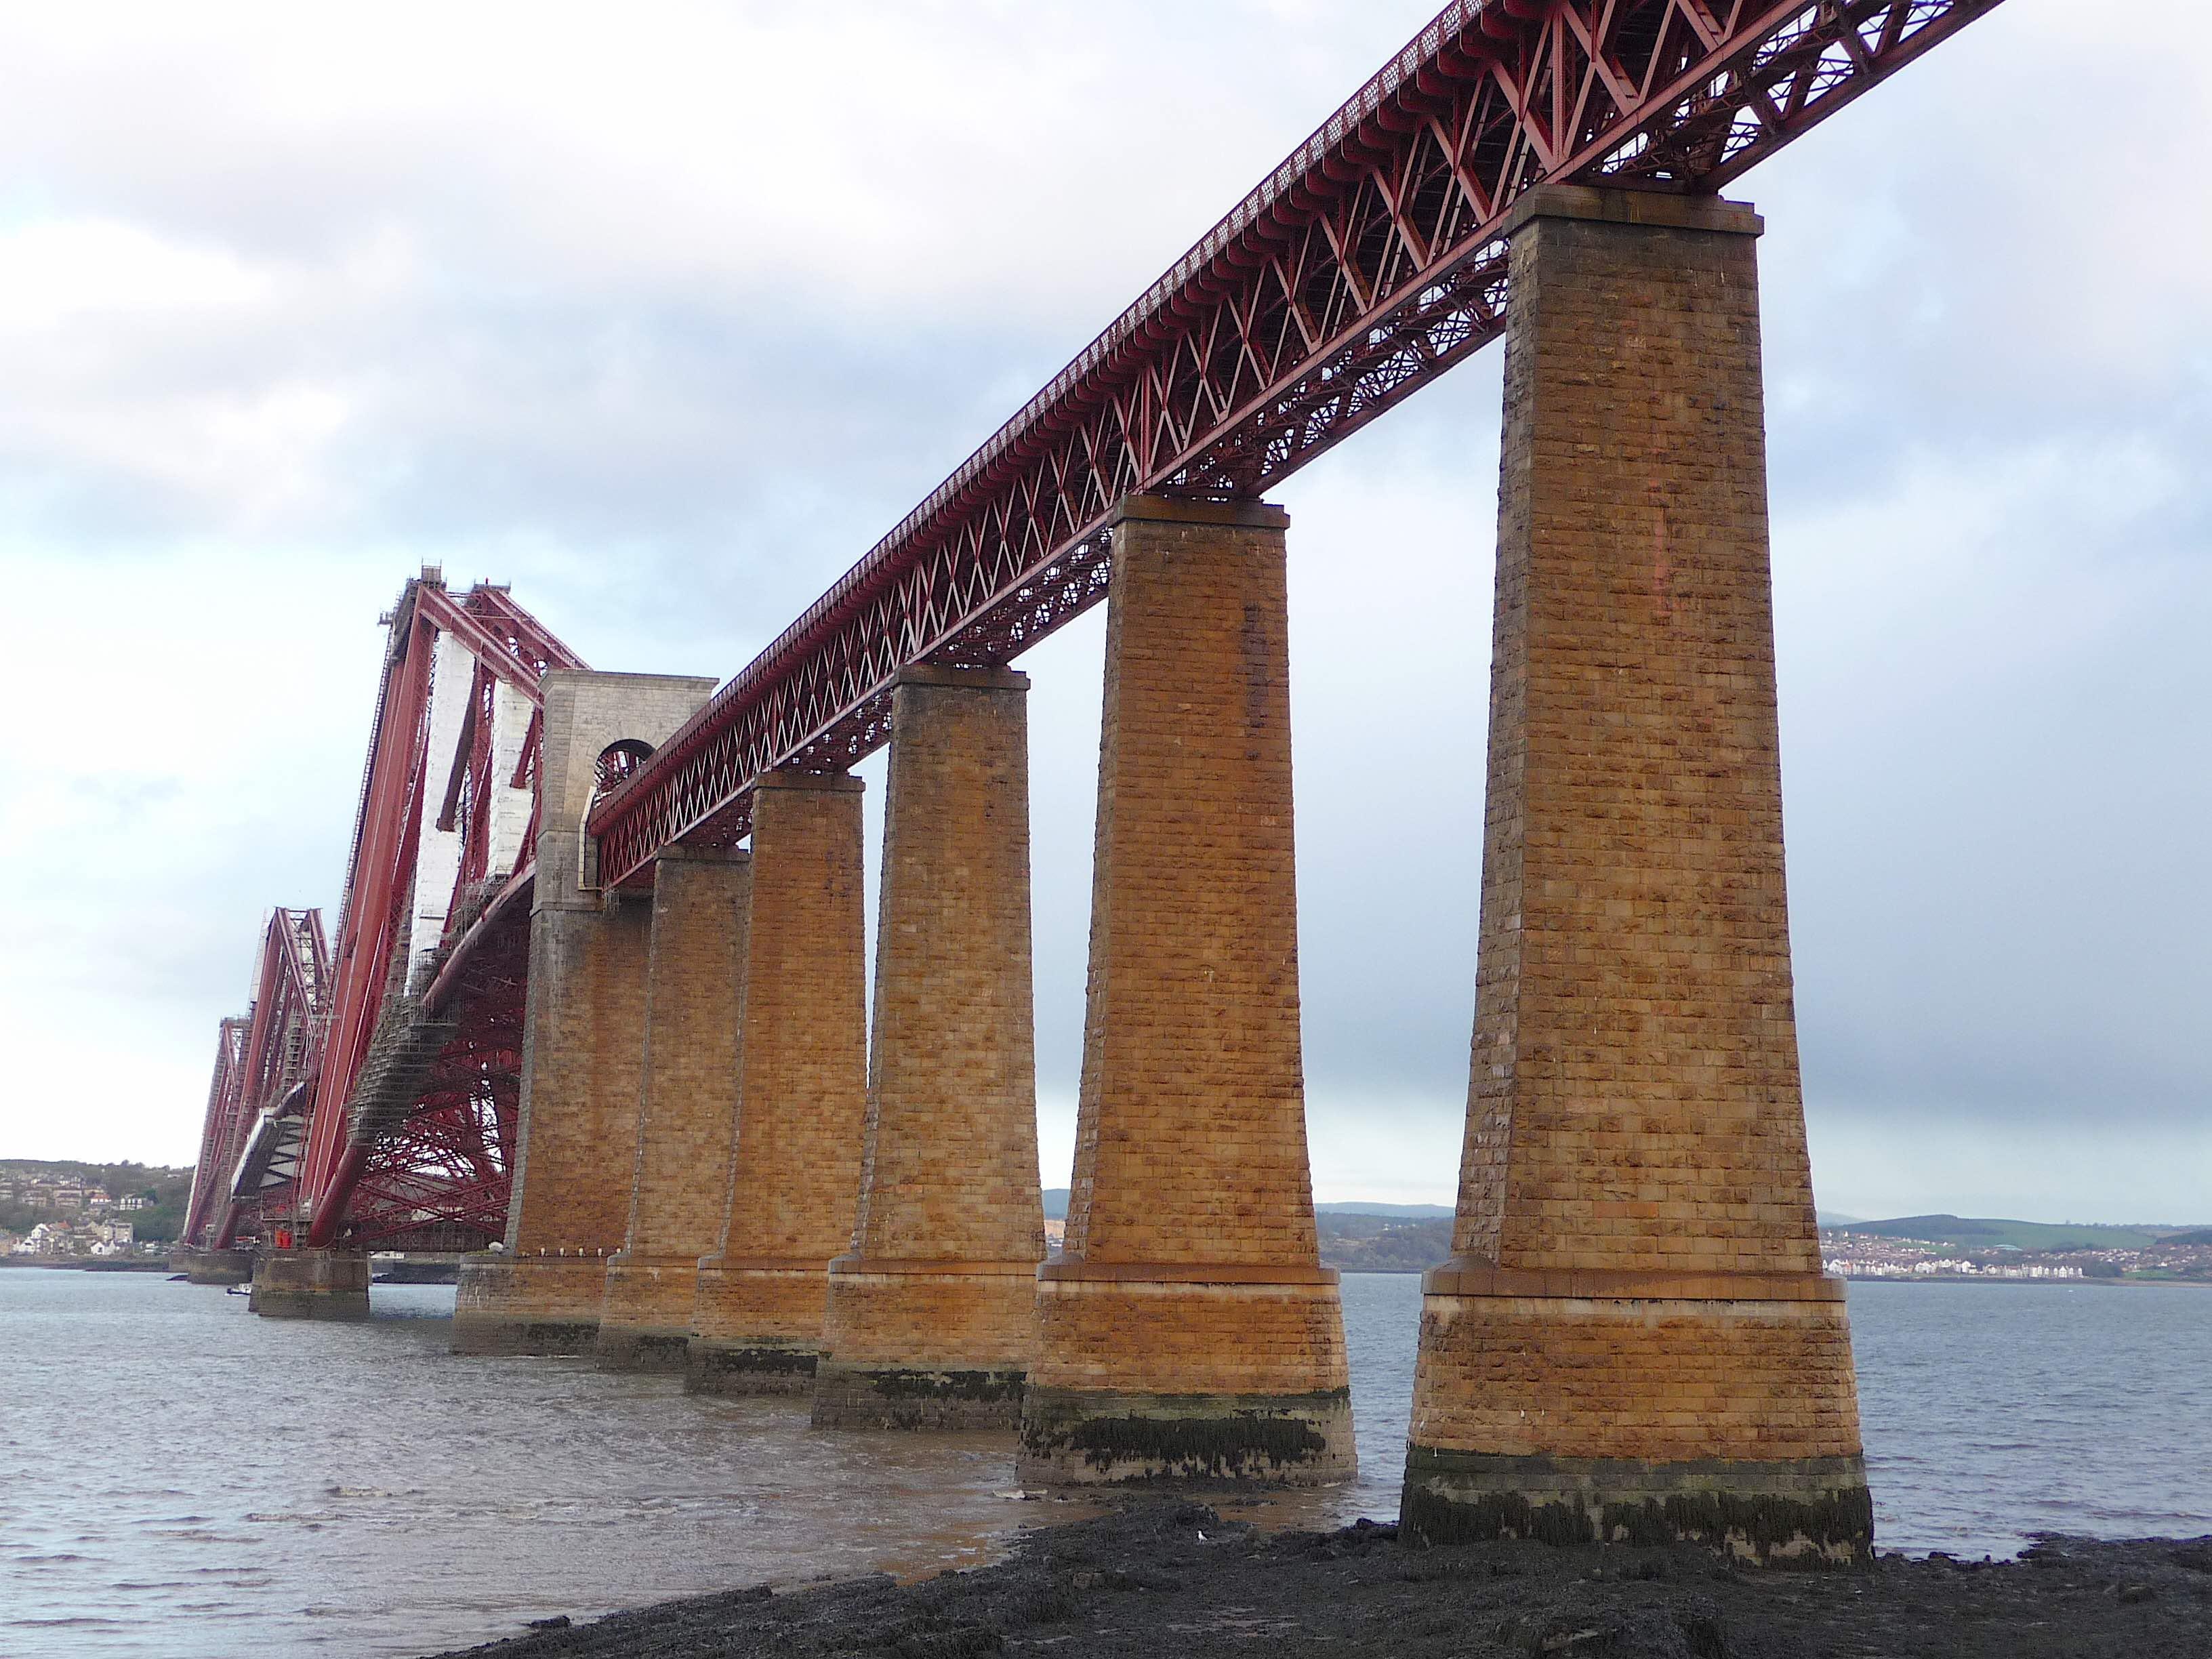 30.Forth Railway Bridge